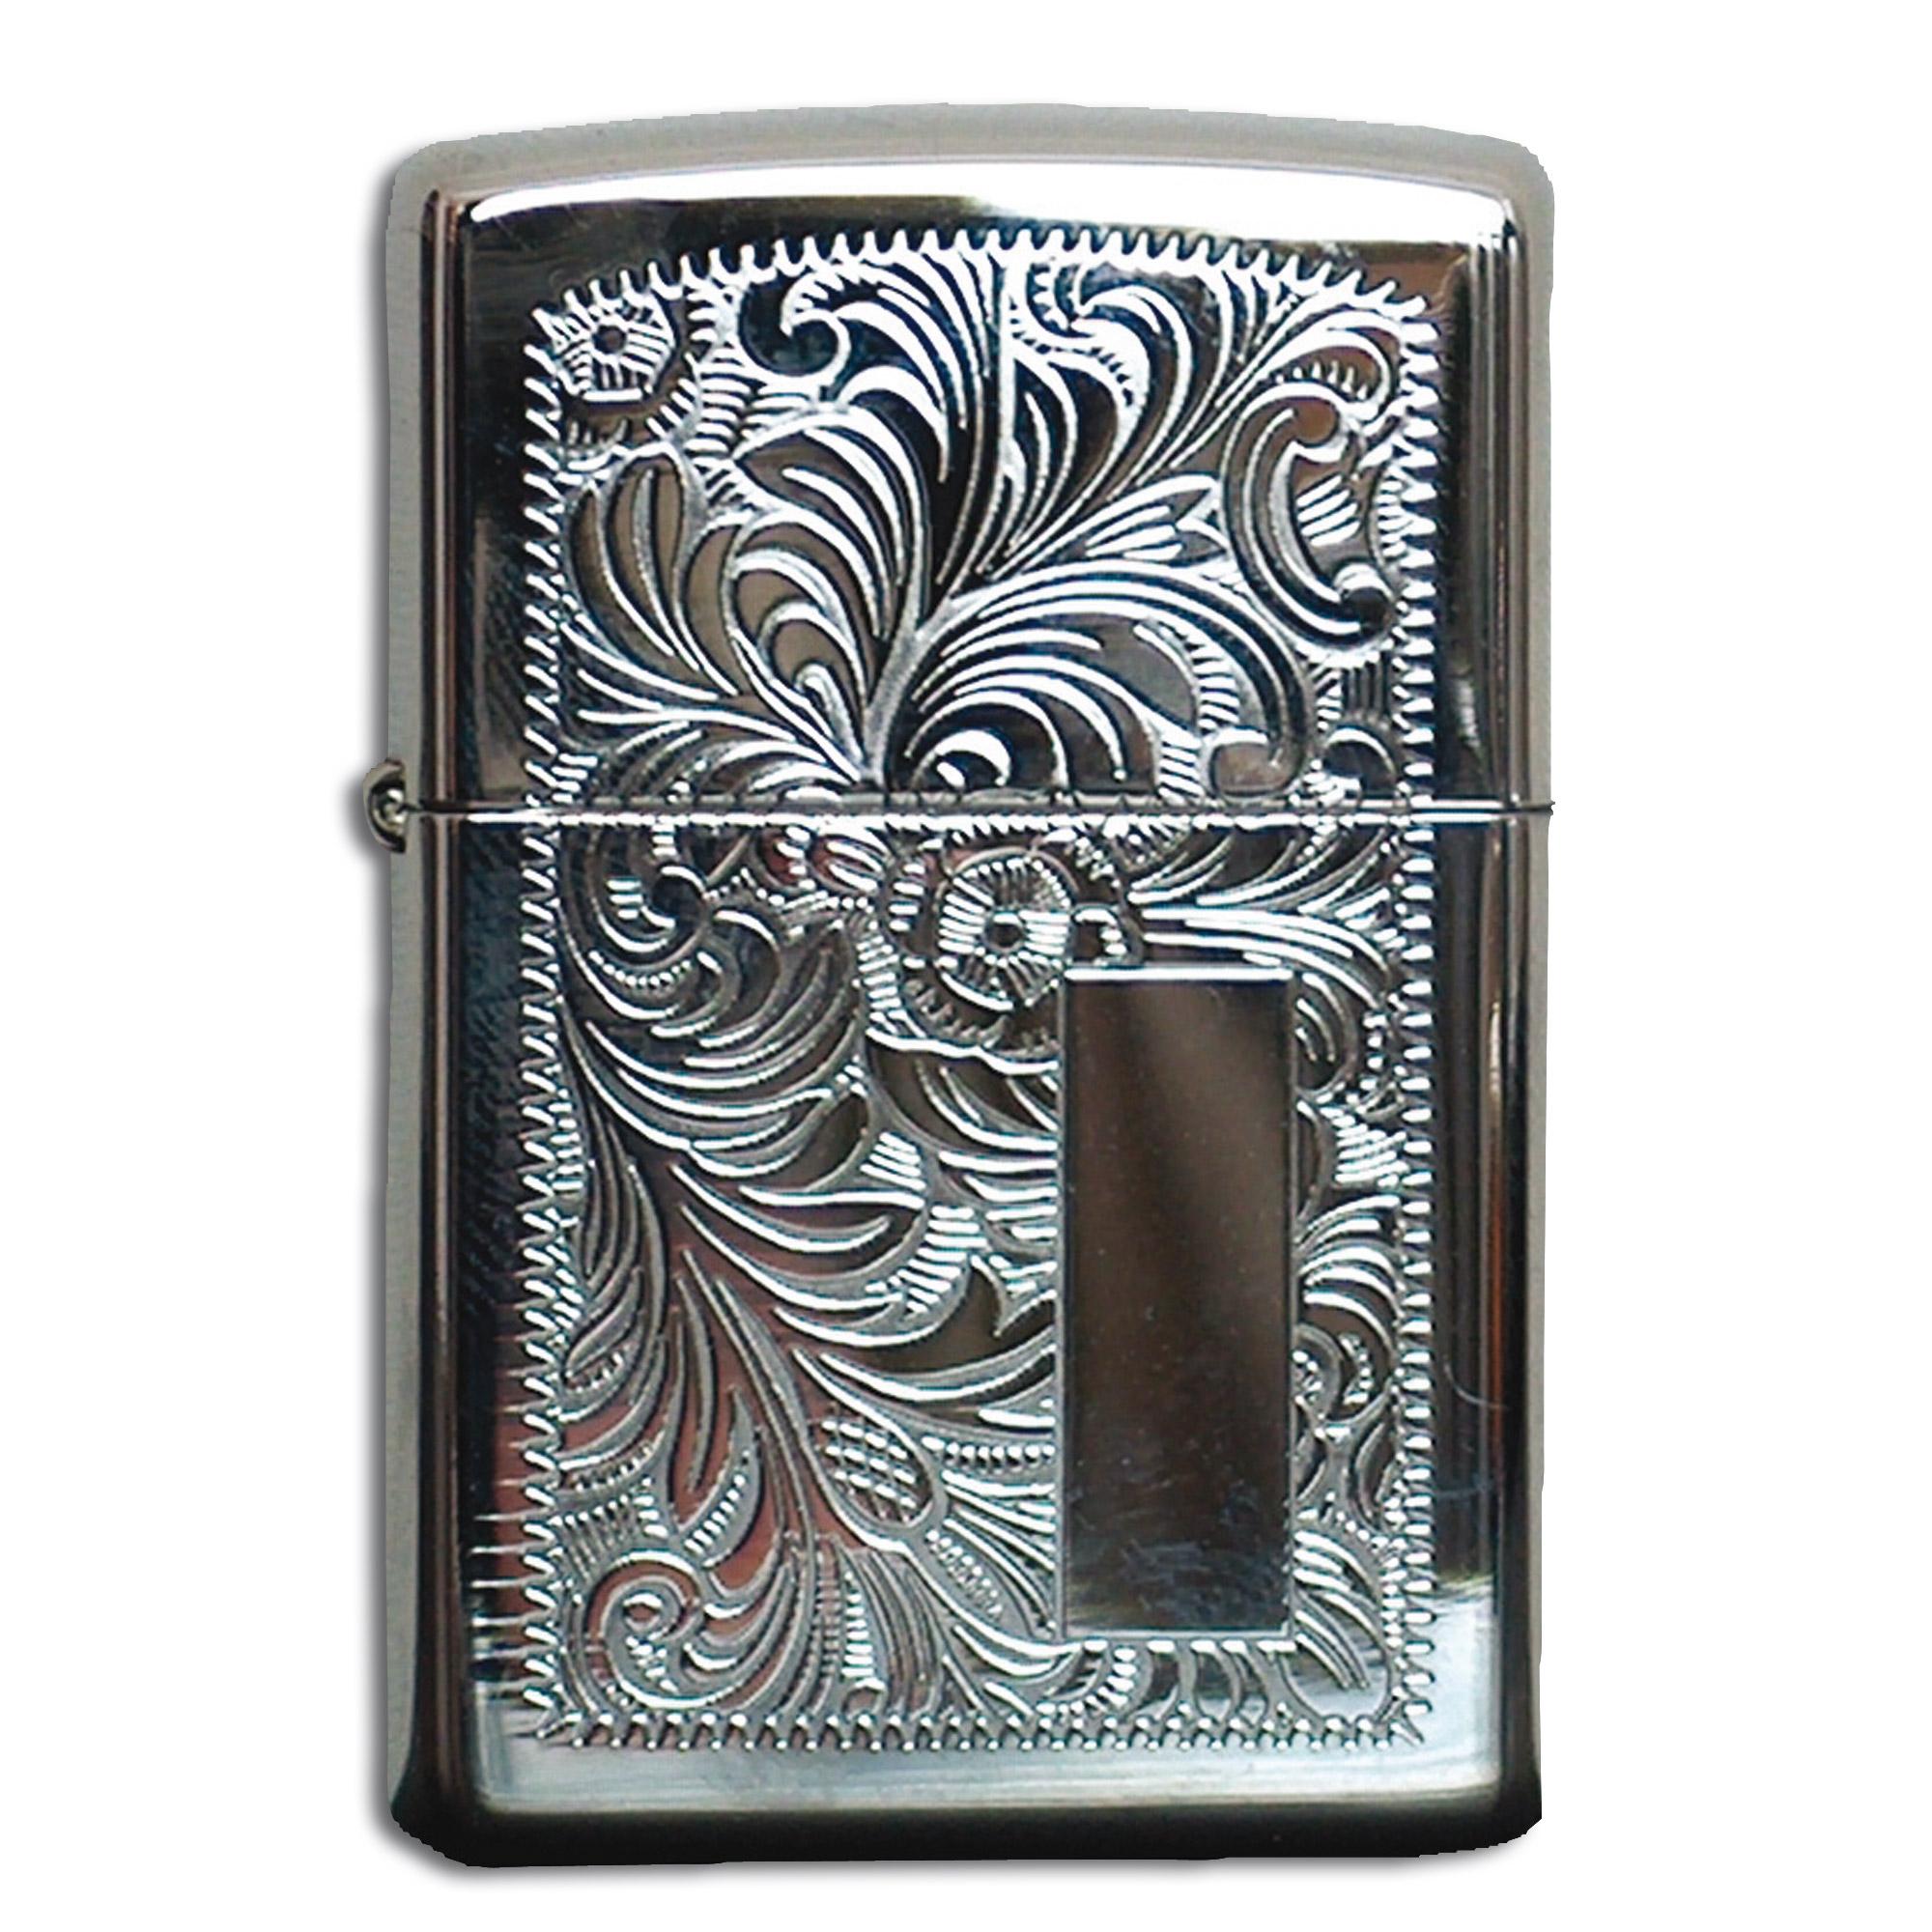 Accendino Zippo con superficie ornata argento